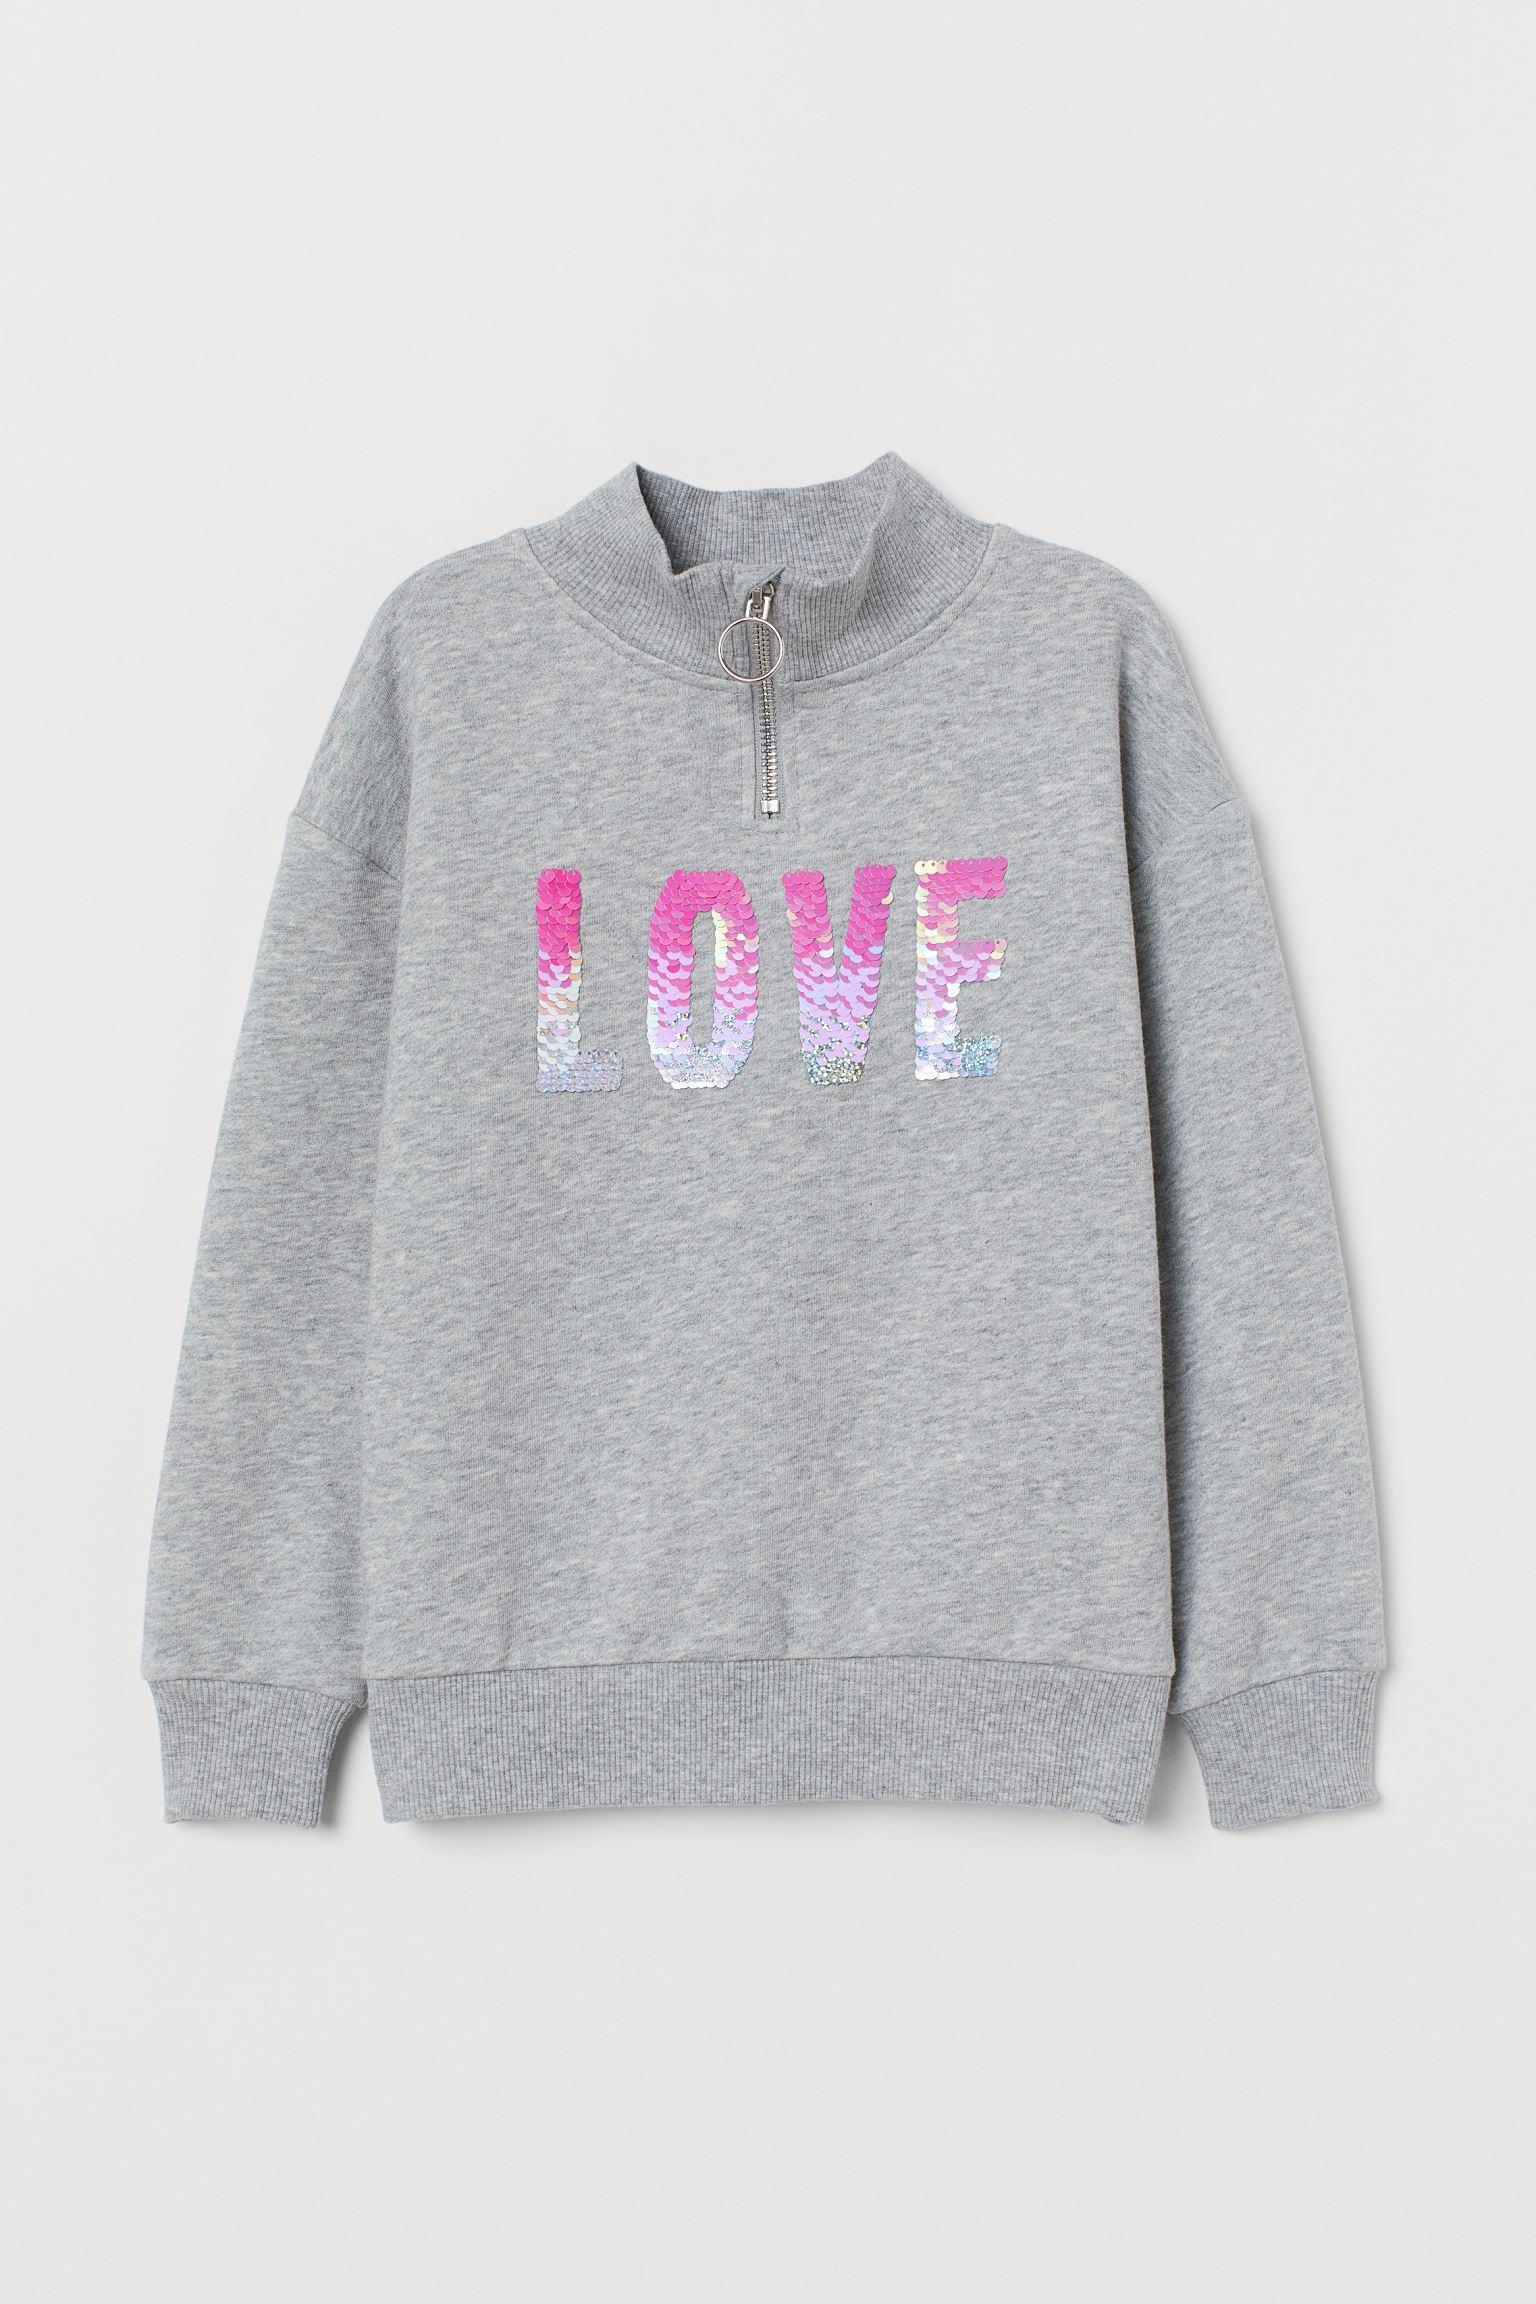 Отзыв на Свитер с Блесток мотив из Интернет-Магазина H&M